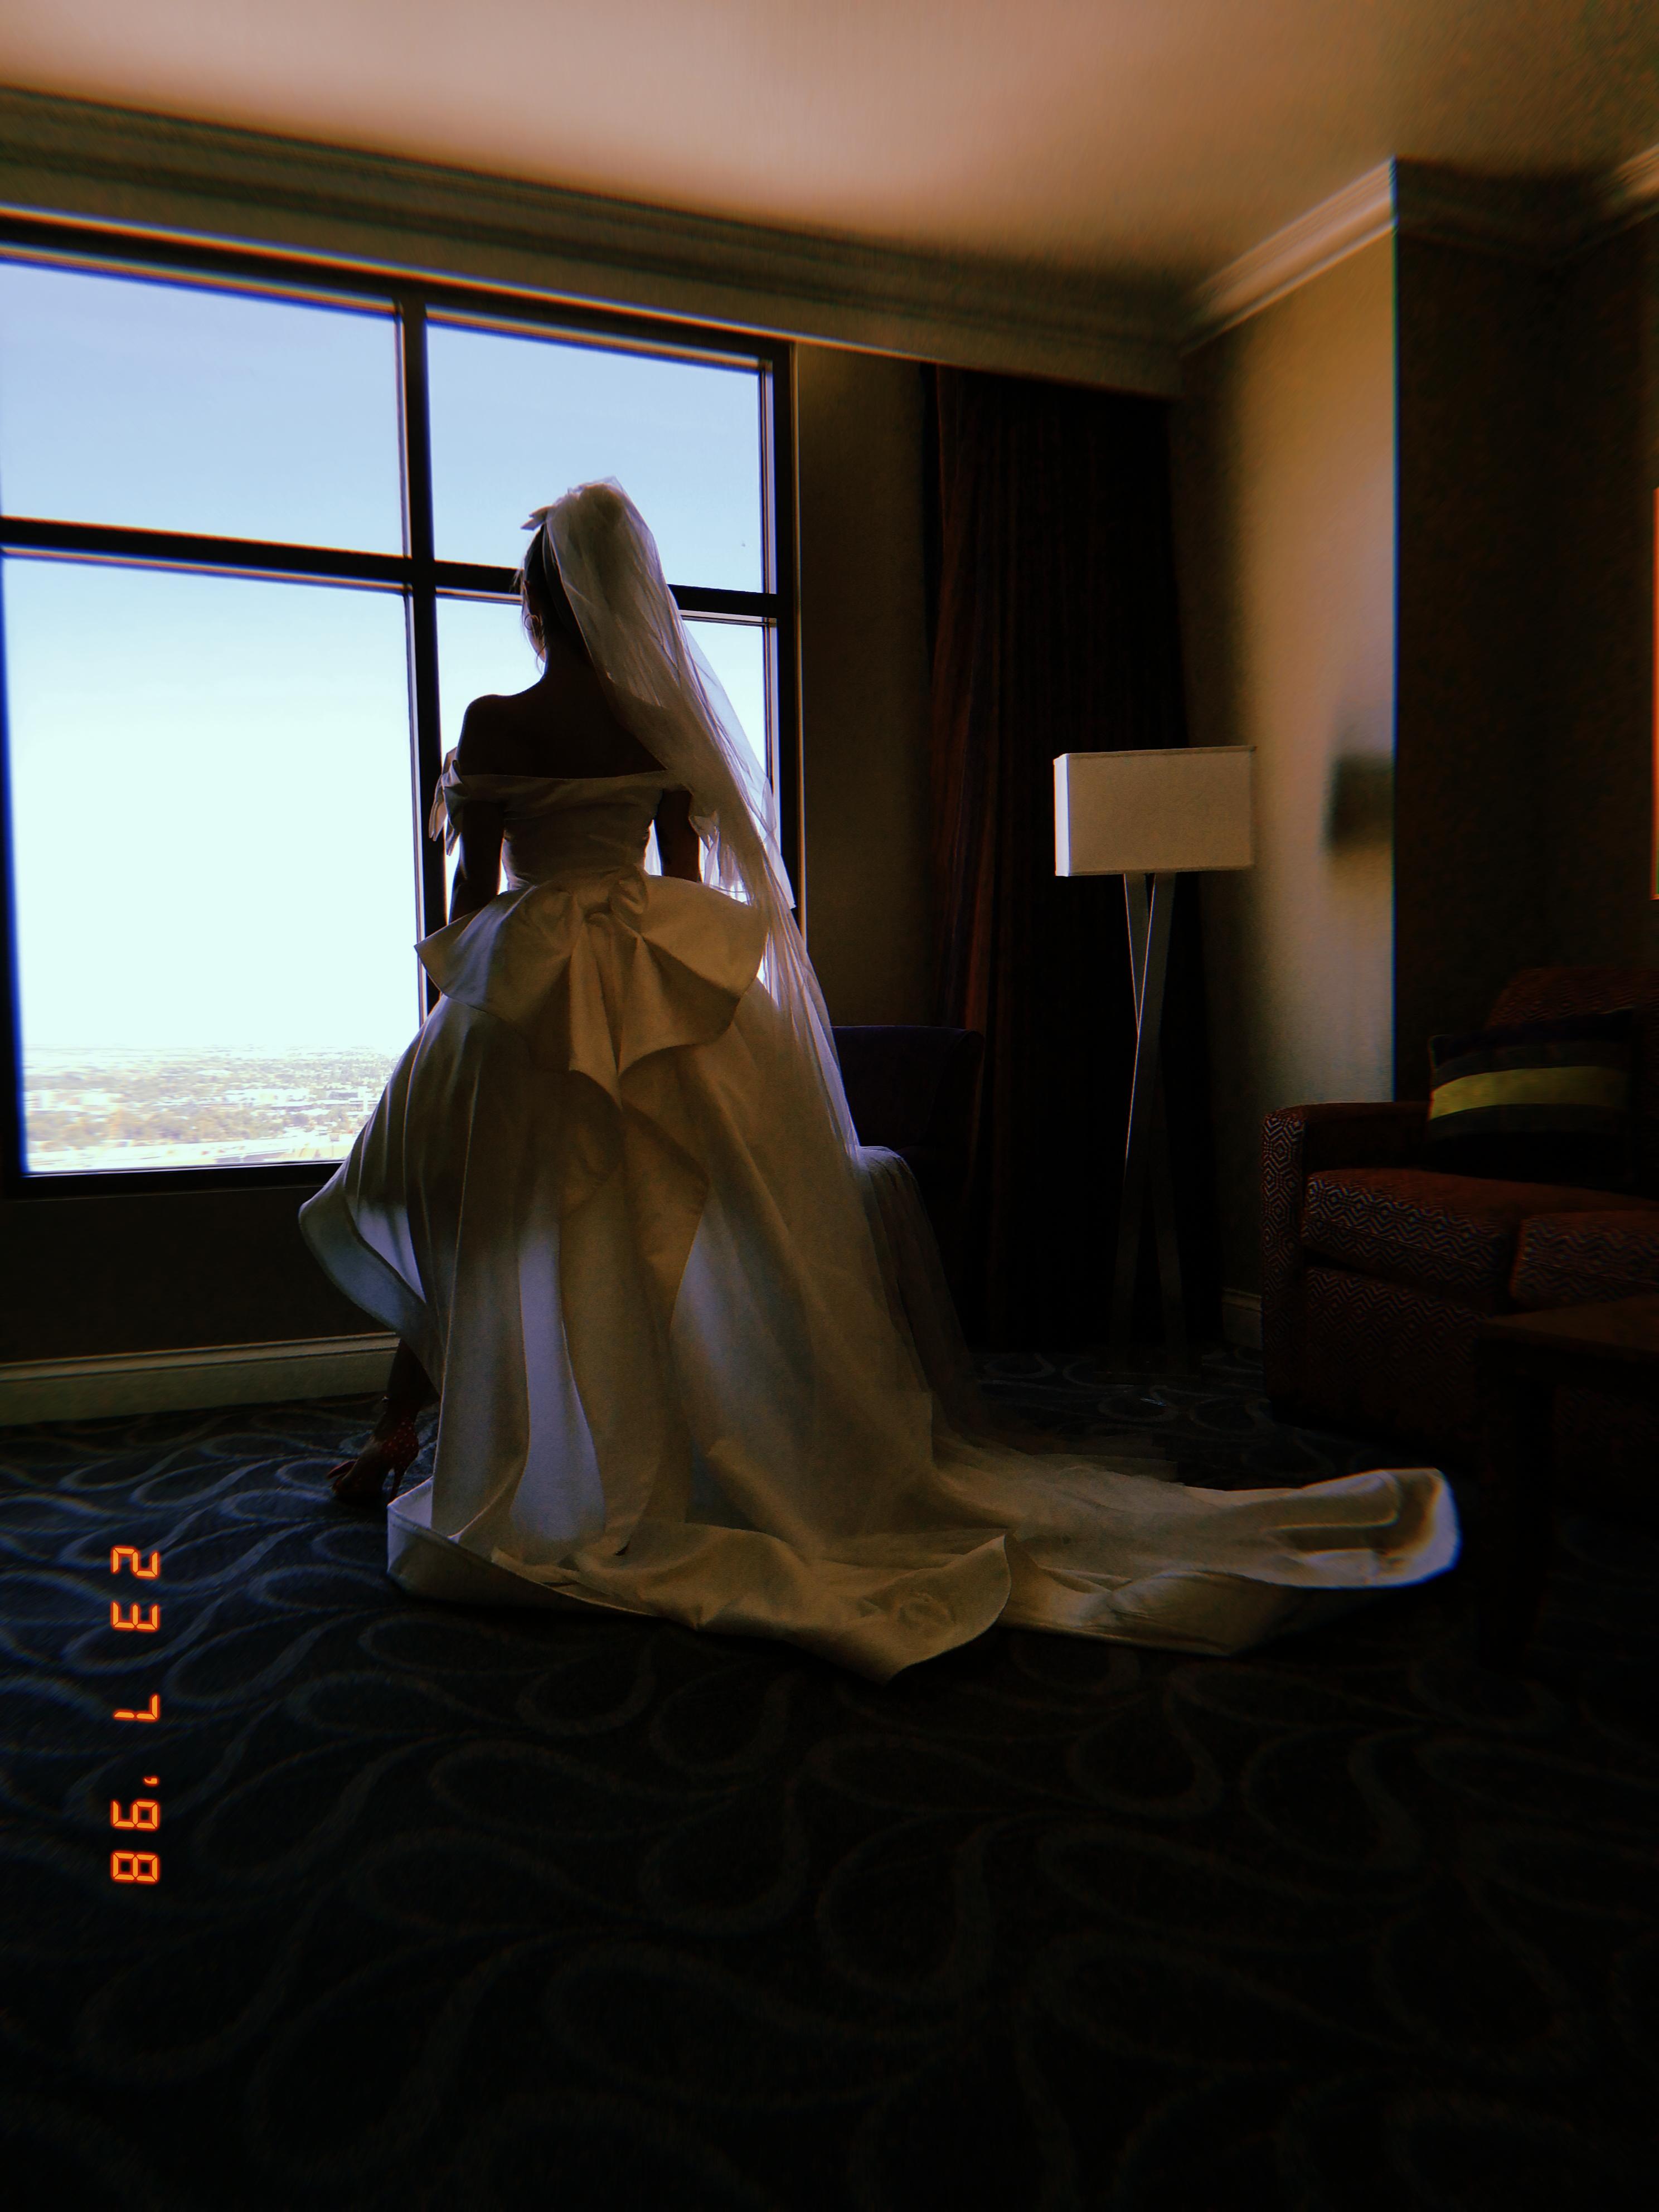 Vjenčana kuka u Vegasu